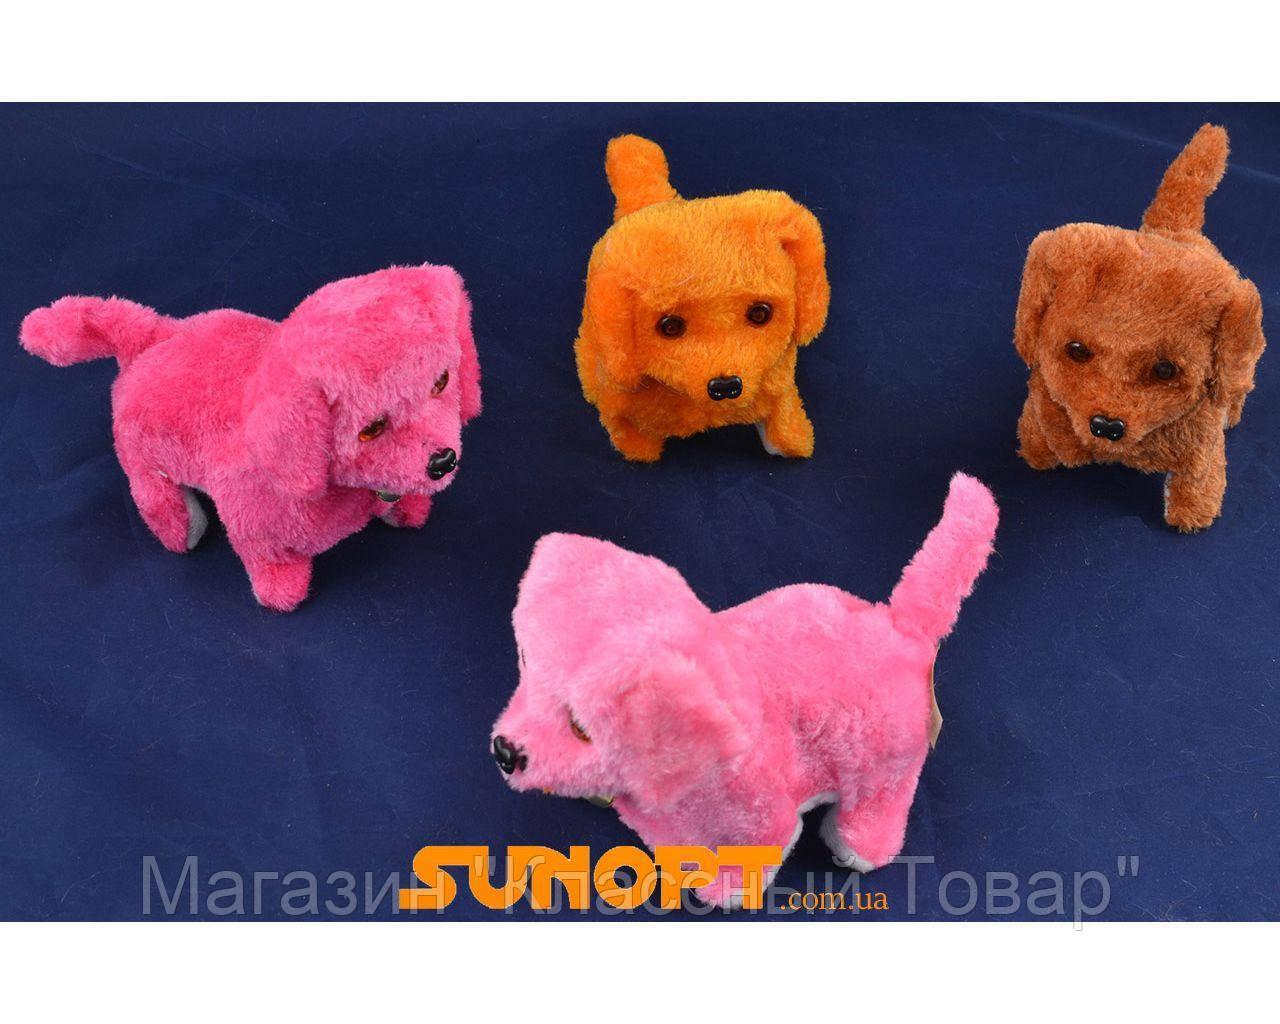 Мягкая игрушка Собачка (Механика) №535-10